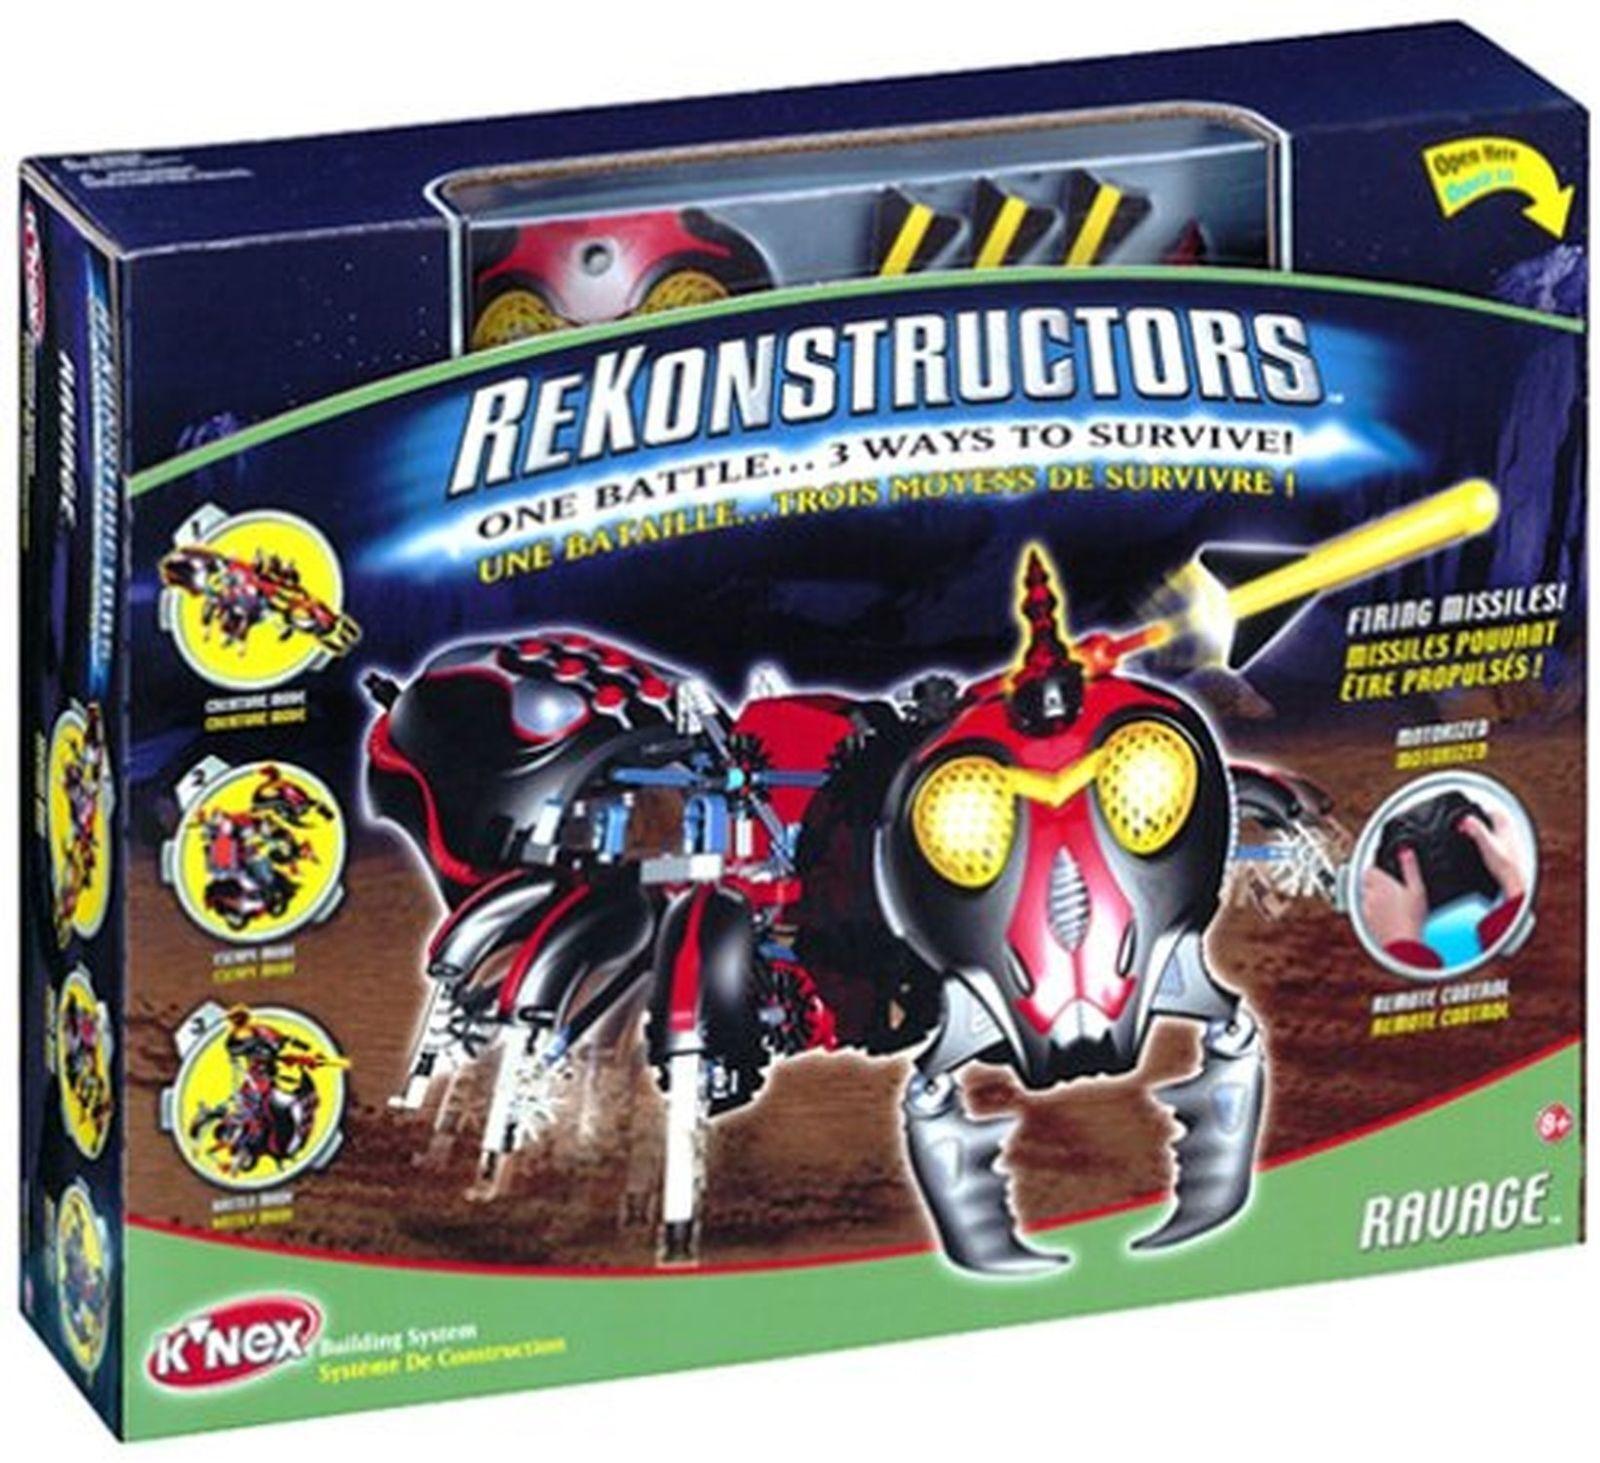 K'Nex ReKonstructors   ZeKorian Creatures  Ravage Action Figures  New in Box